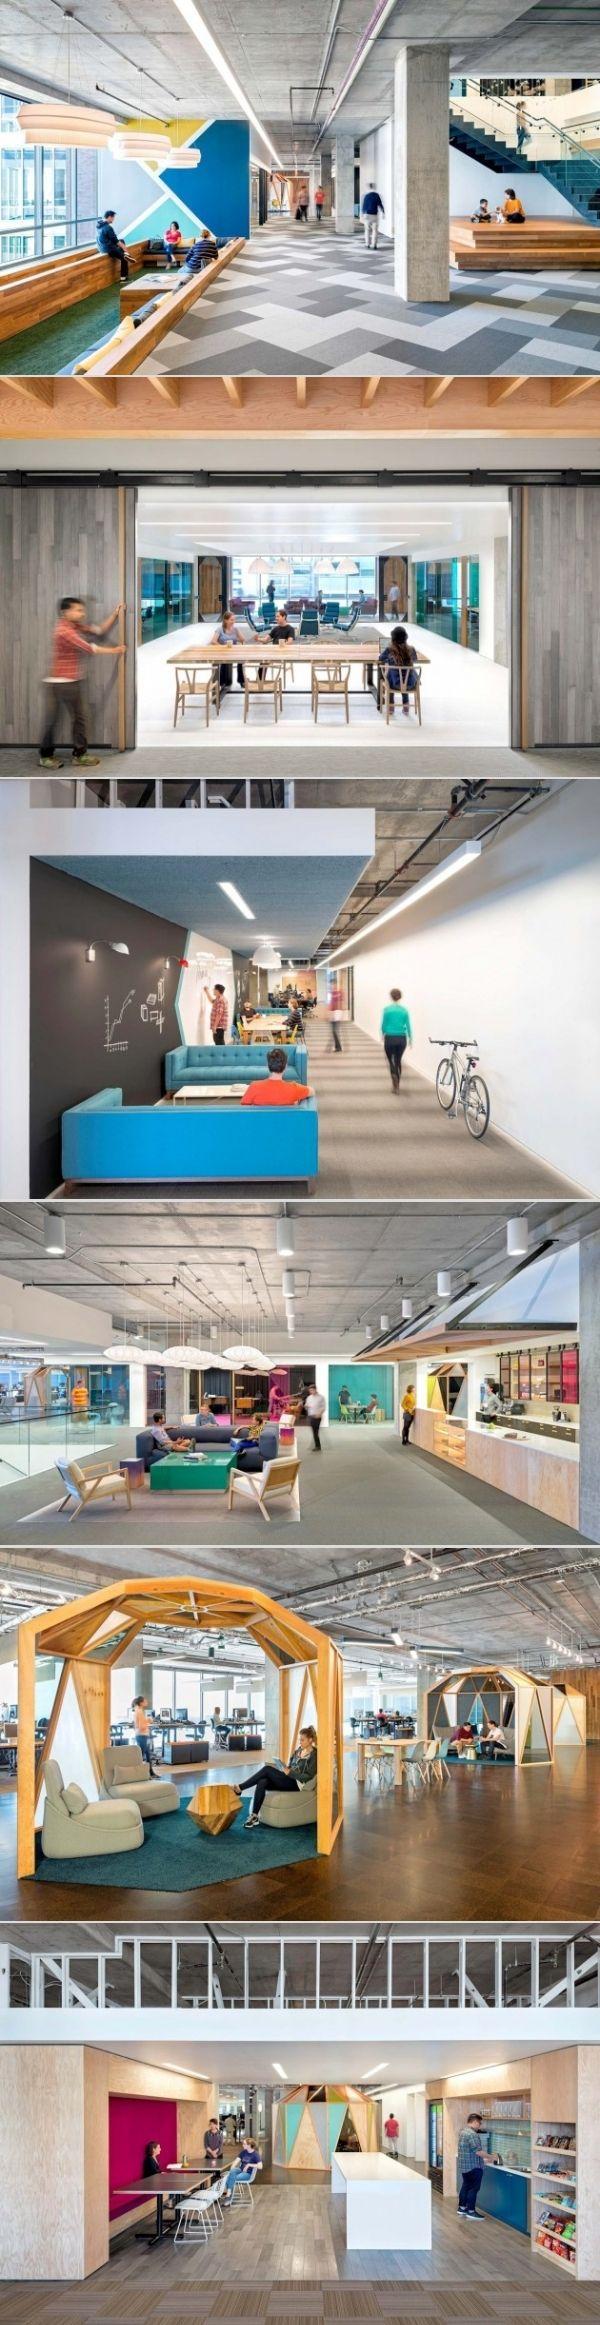 studio oa cisco meraki office. Cisco-Meraki Office By Studio O+A Oa Cisco Meraki